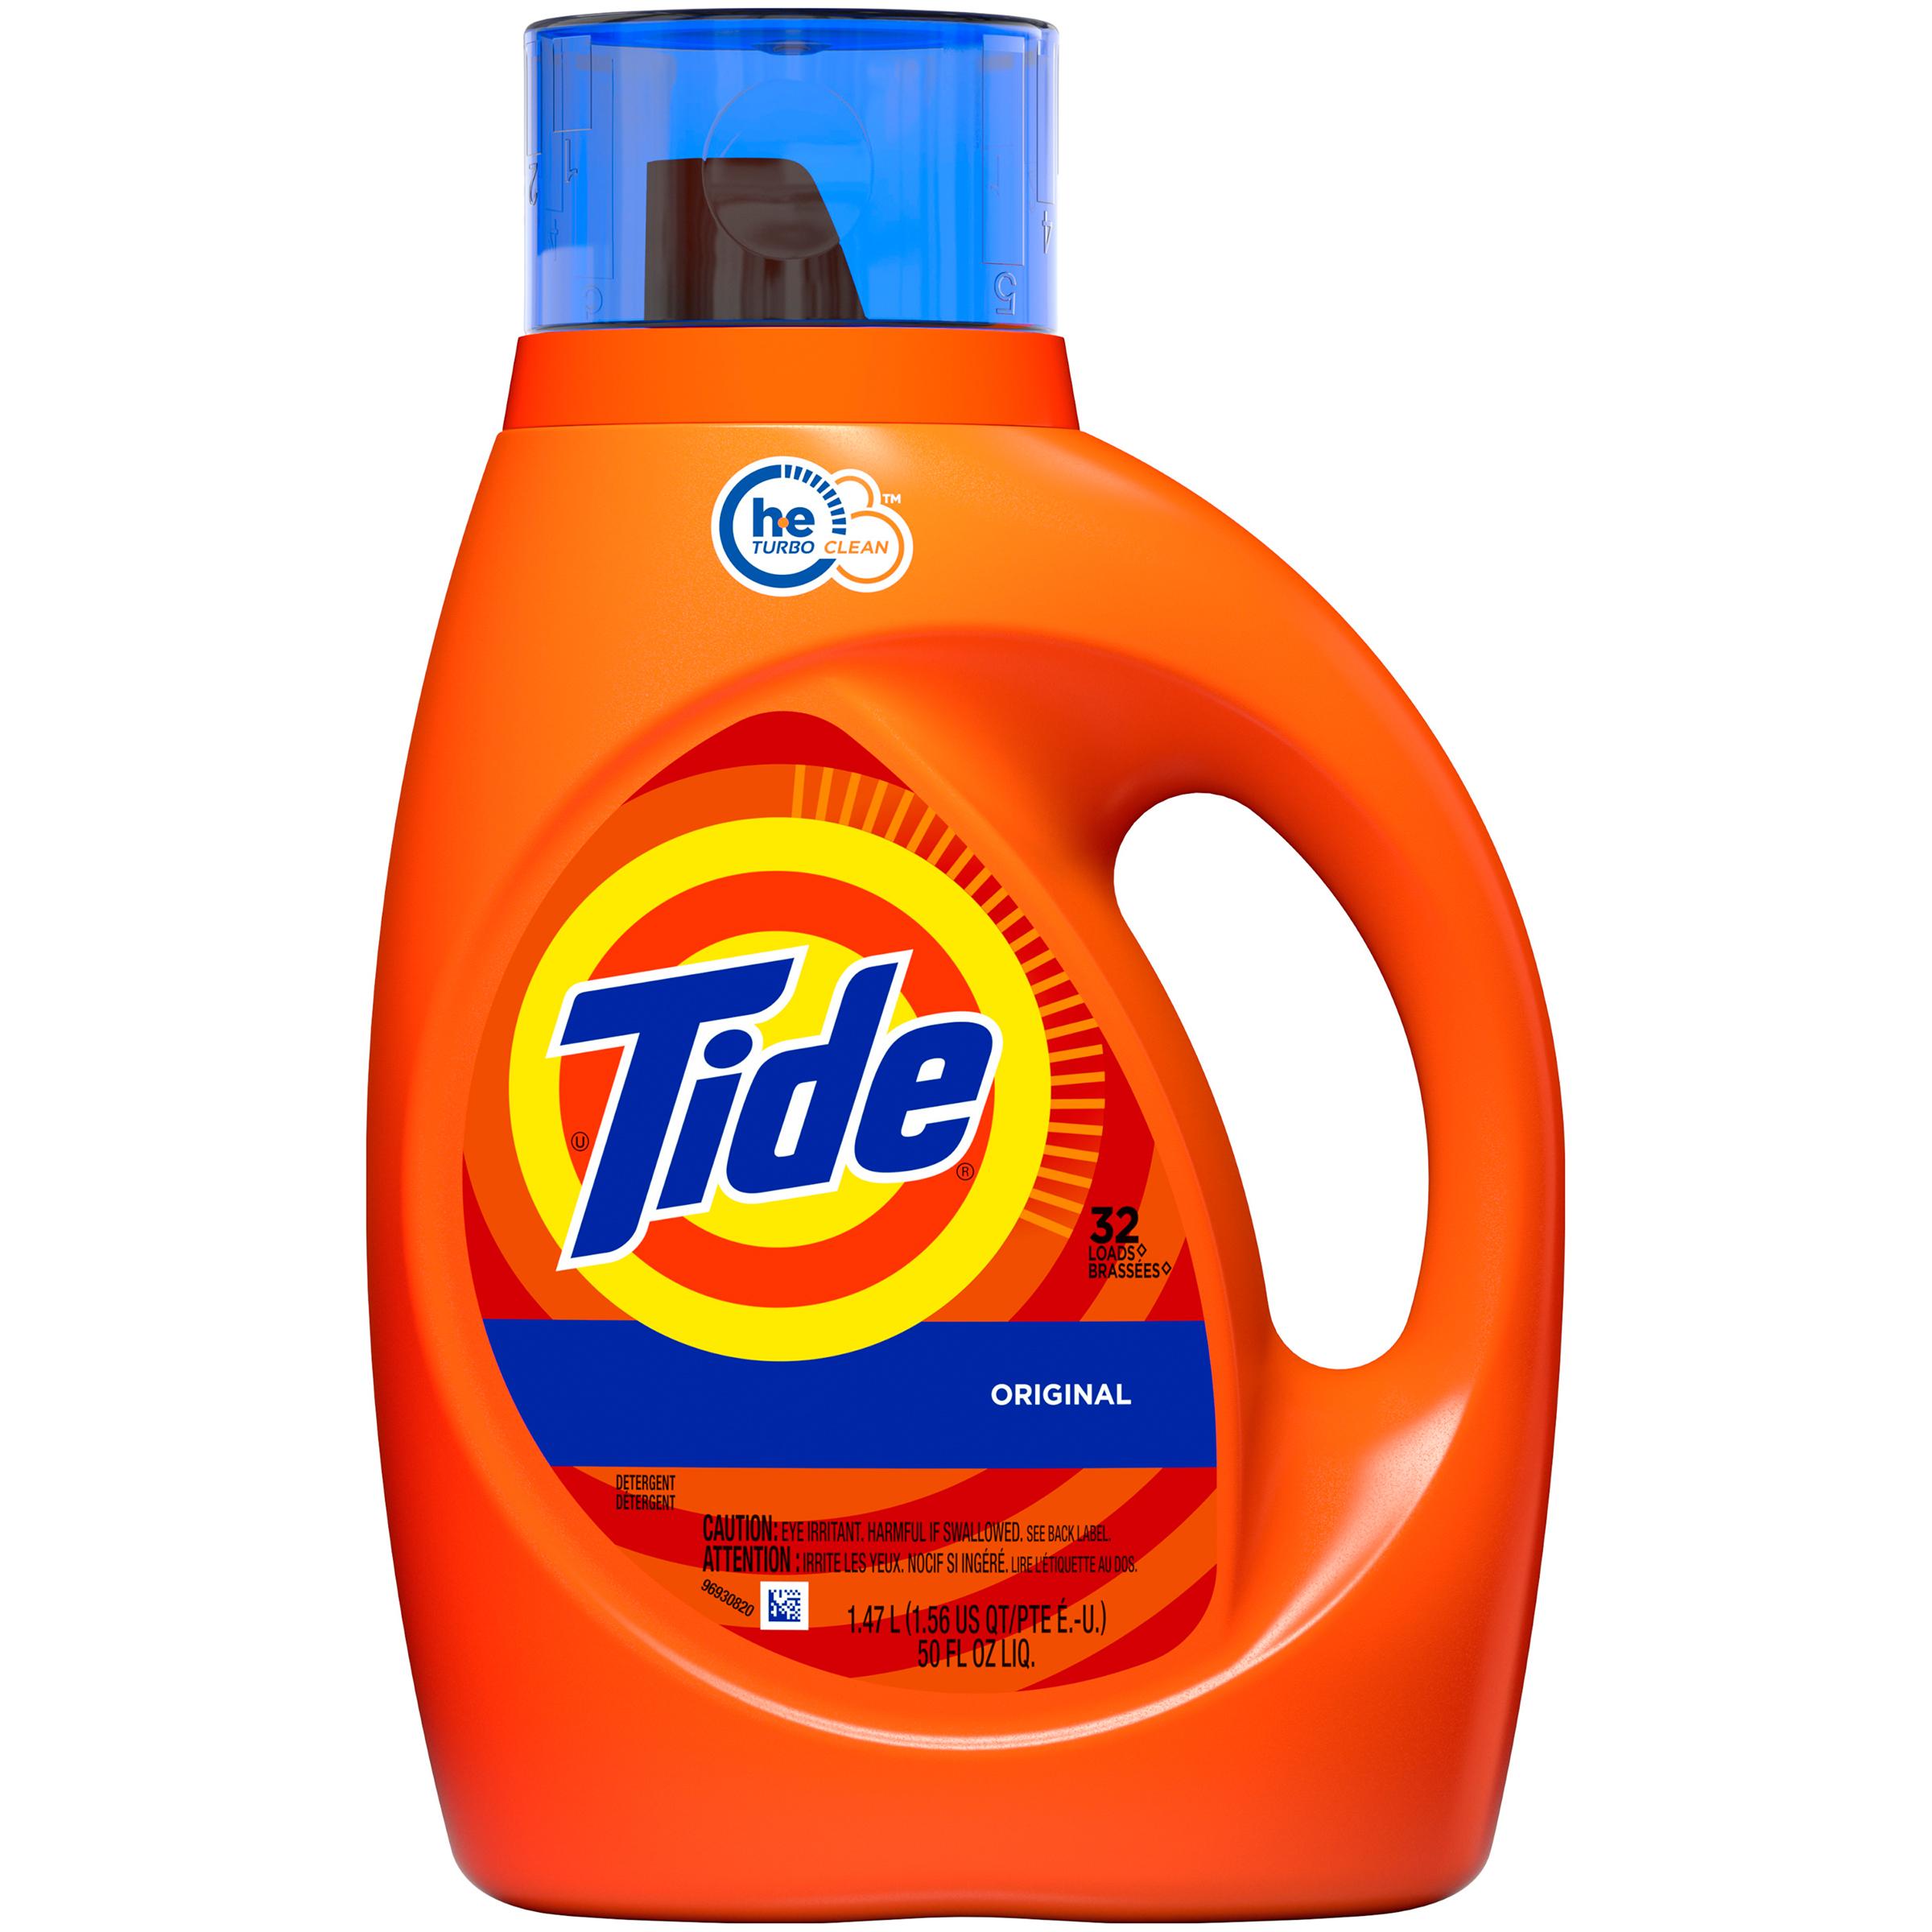 Tide HE Detergent, 2x Ultra, Original Scent , 50 fl oz (1.56 qt) 1.47 lt